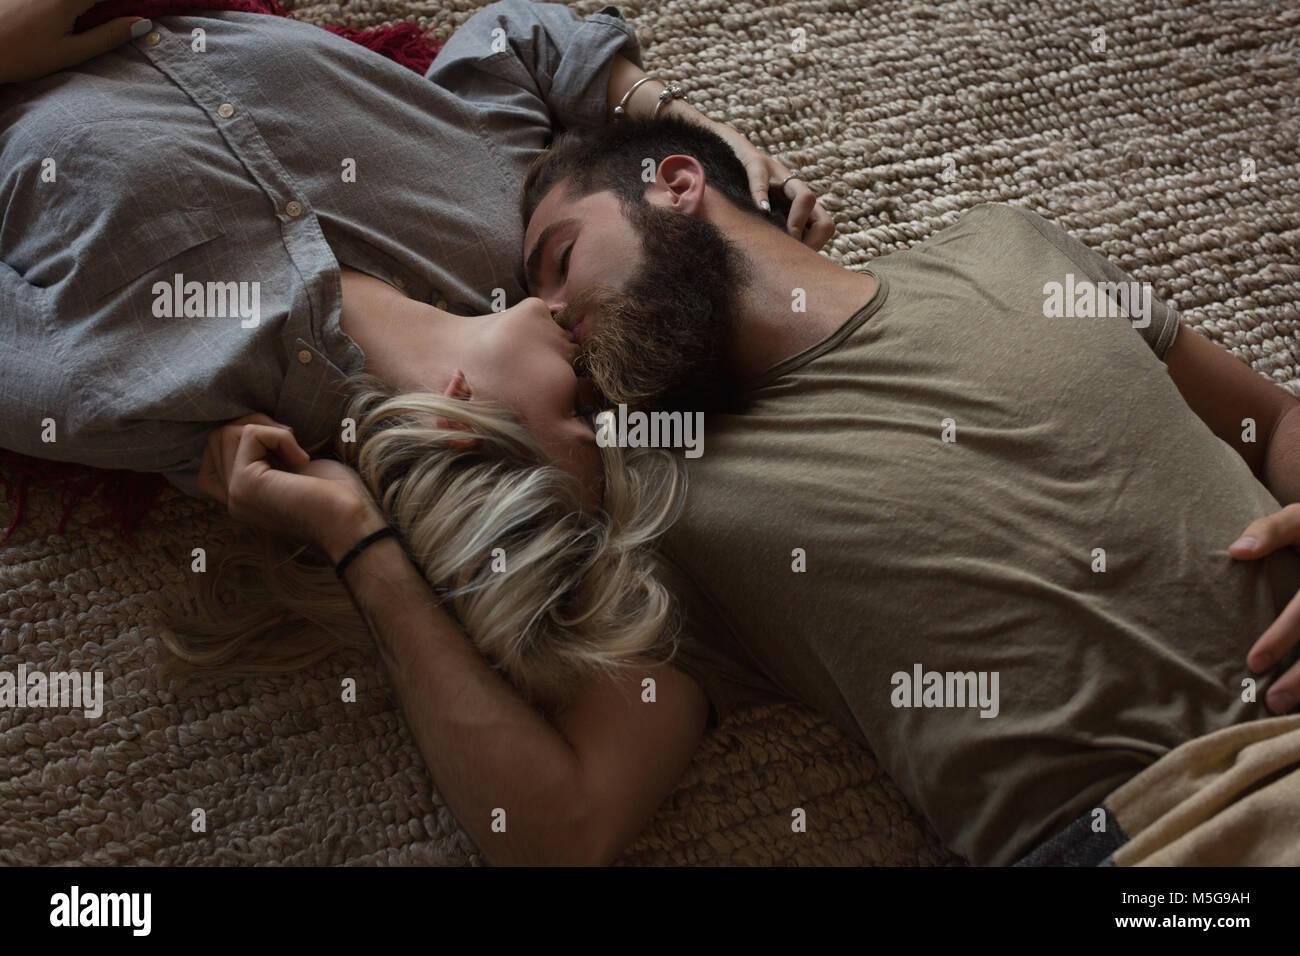 Pareja besándose mutuamente mientras yacían en la sala de estar Imagen De Stock